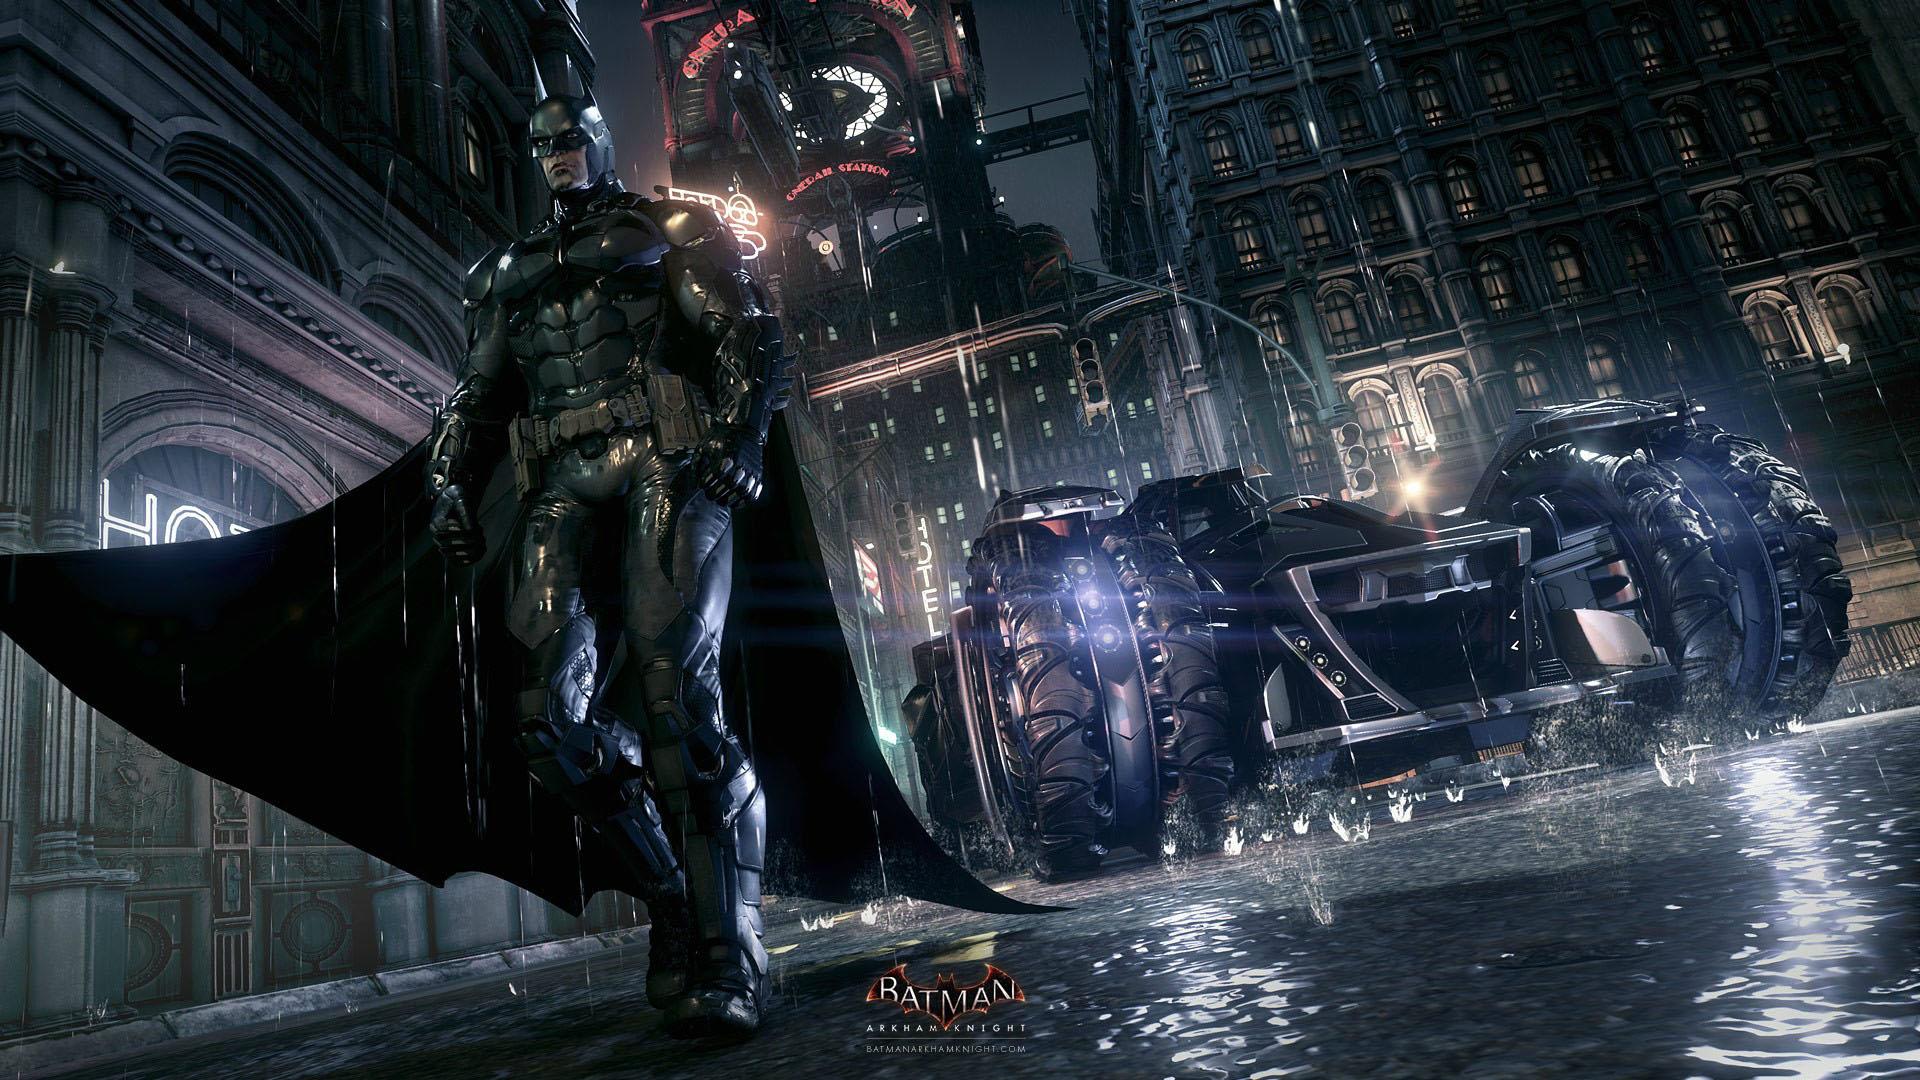 Batman Arkham Knight HD Wallpaper   Stylish HD Wallpapers 1920x1080